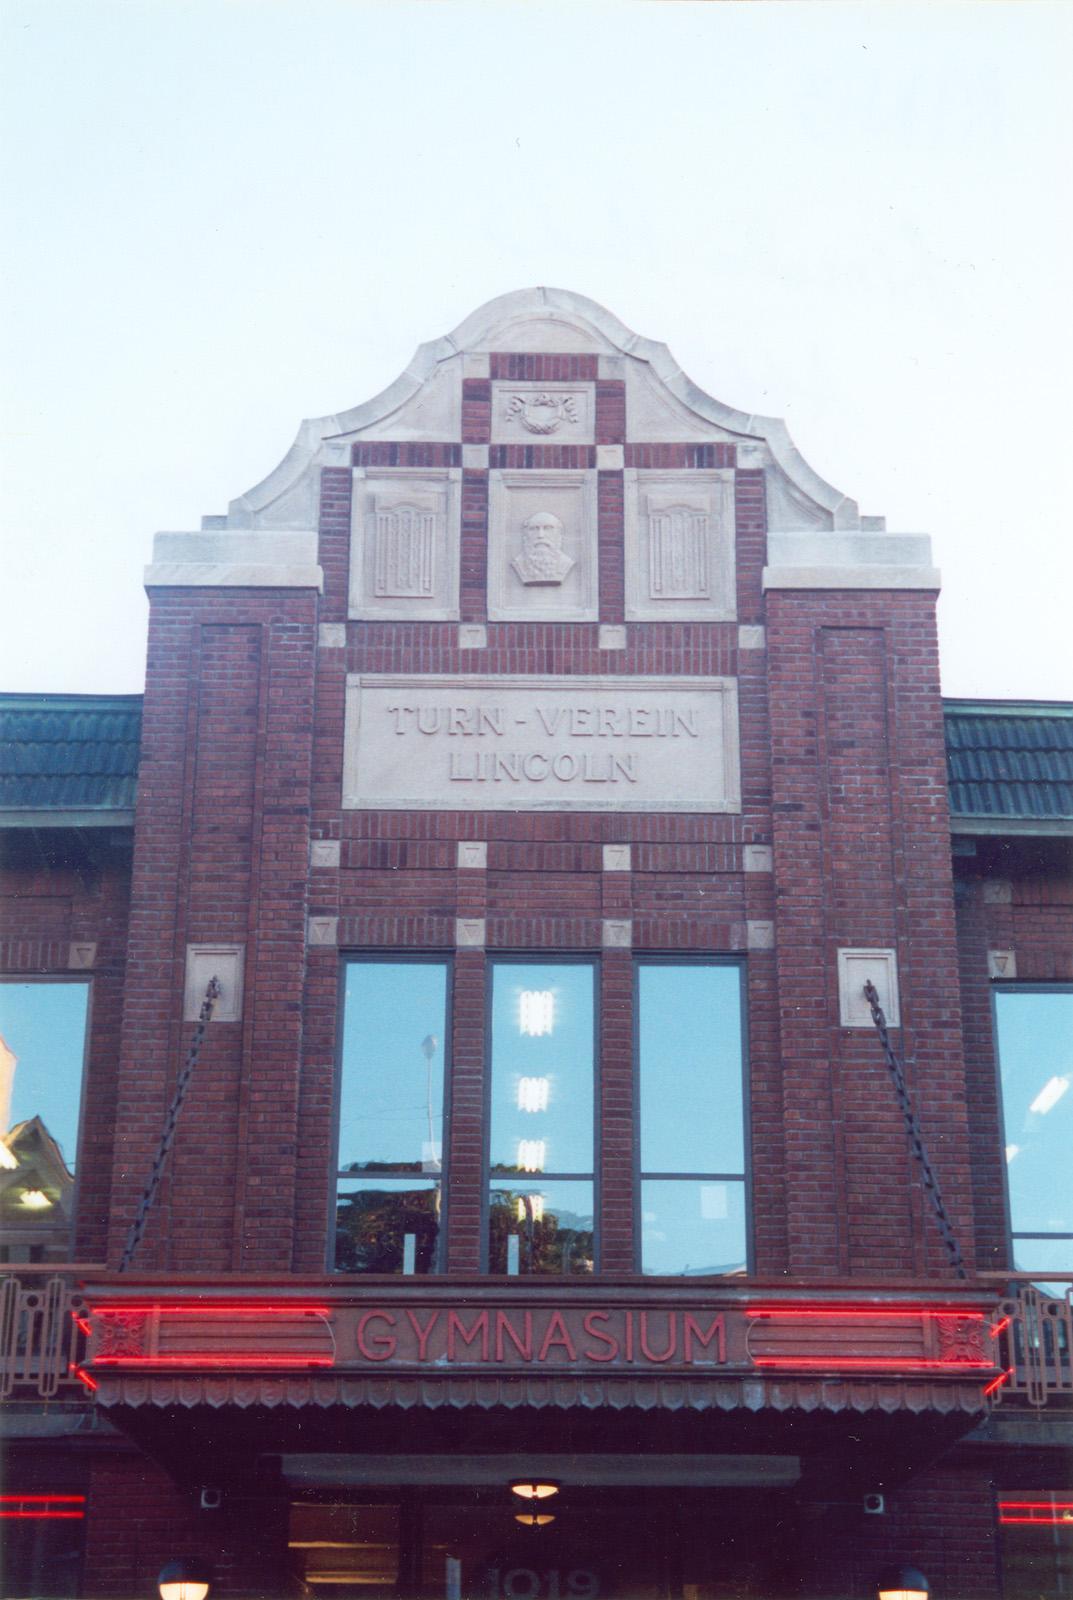 1015-1023 W. Diversey Pkwy.; Turn-Verein Lincoln Gymnasium; Gymnasiums